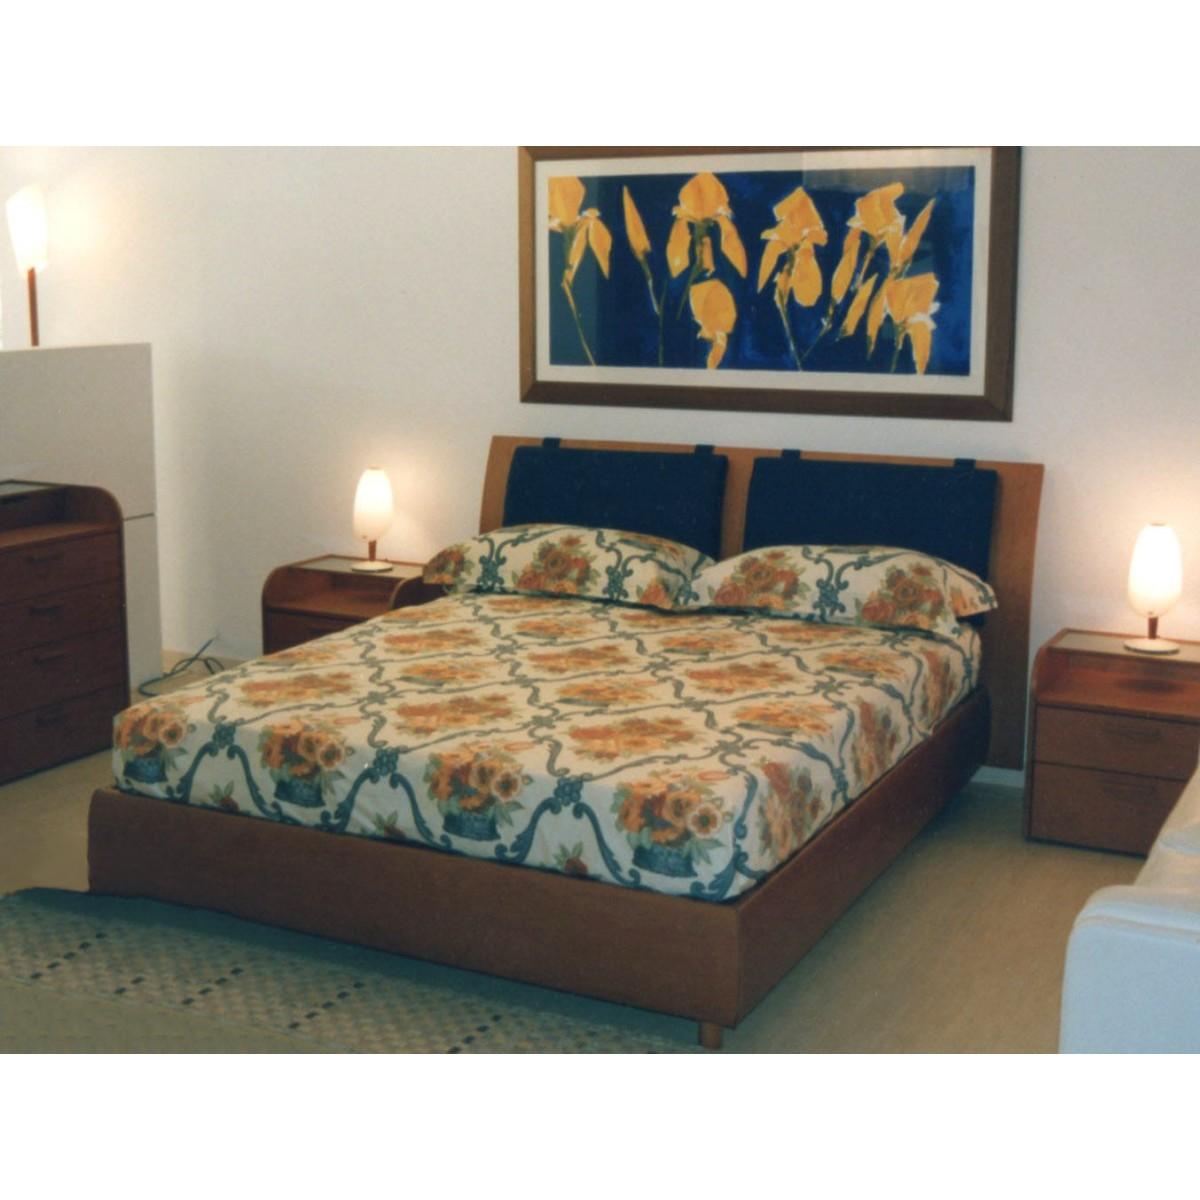 Letto testata legno mobileffe outlet - Testata letto legno ...